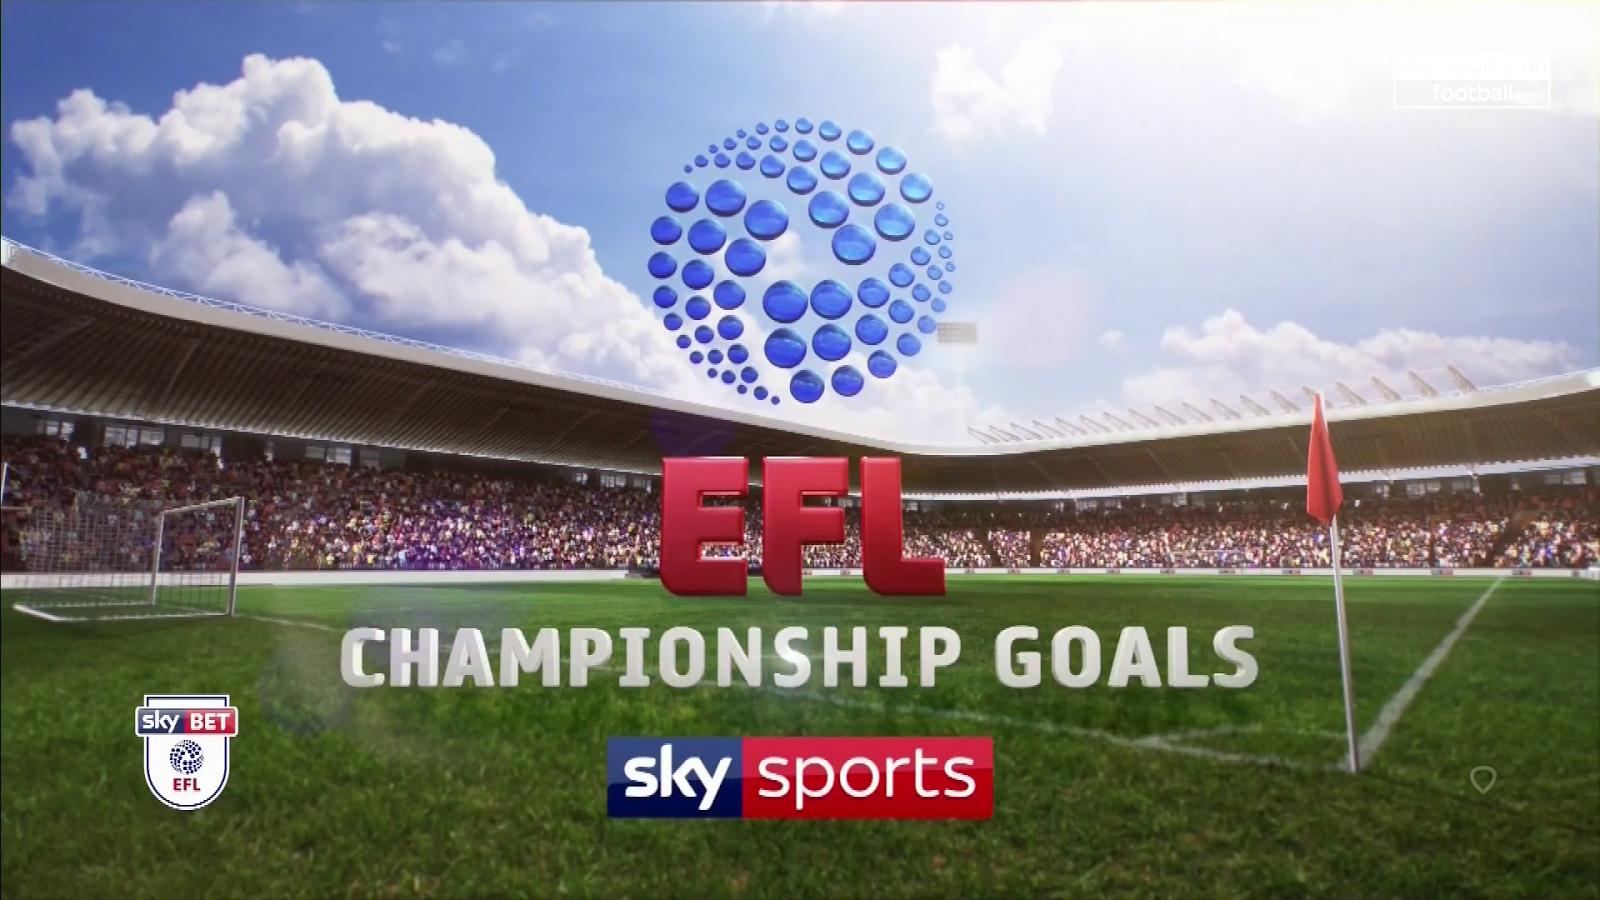 EFL Championship Goals